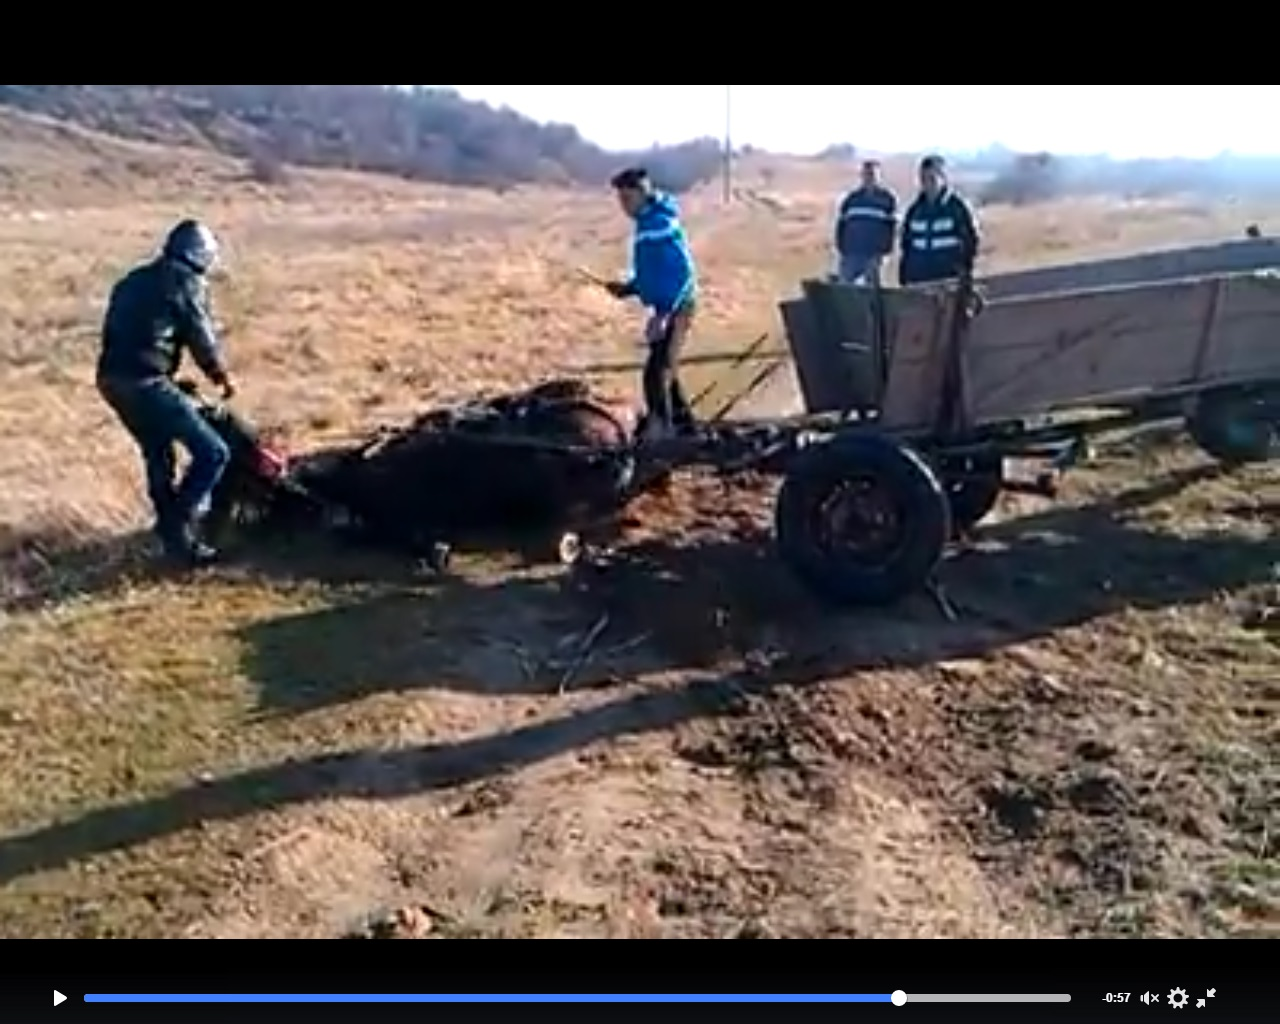 Patru tineri din Dambovita tortureaza cu cruzime un cal inhamat la caruta. Reusise sa scape, dar l-au legat din nou. FOTO